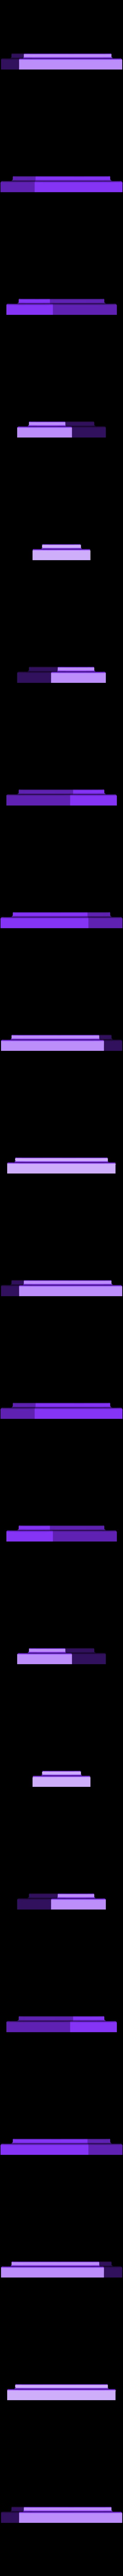 base.stl Download STL file Bell on pedestal • 3D printable object, remus59